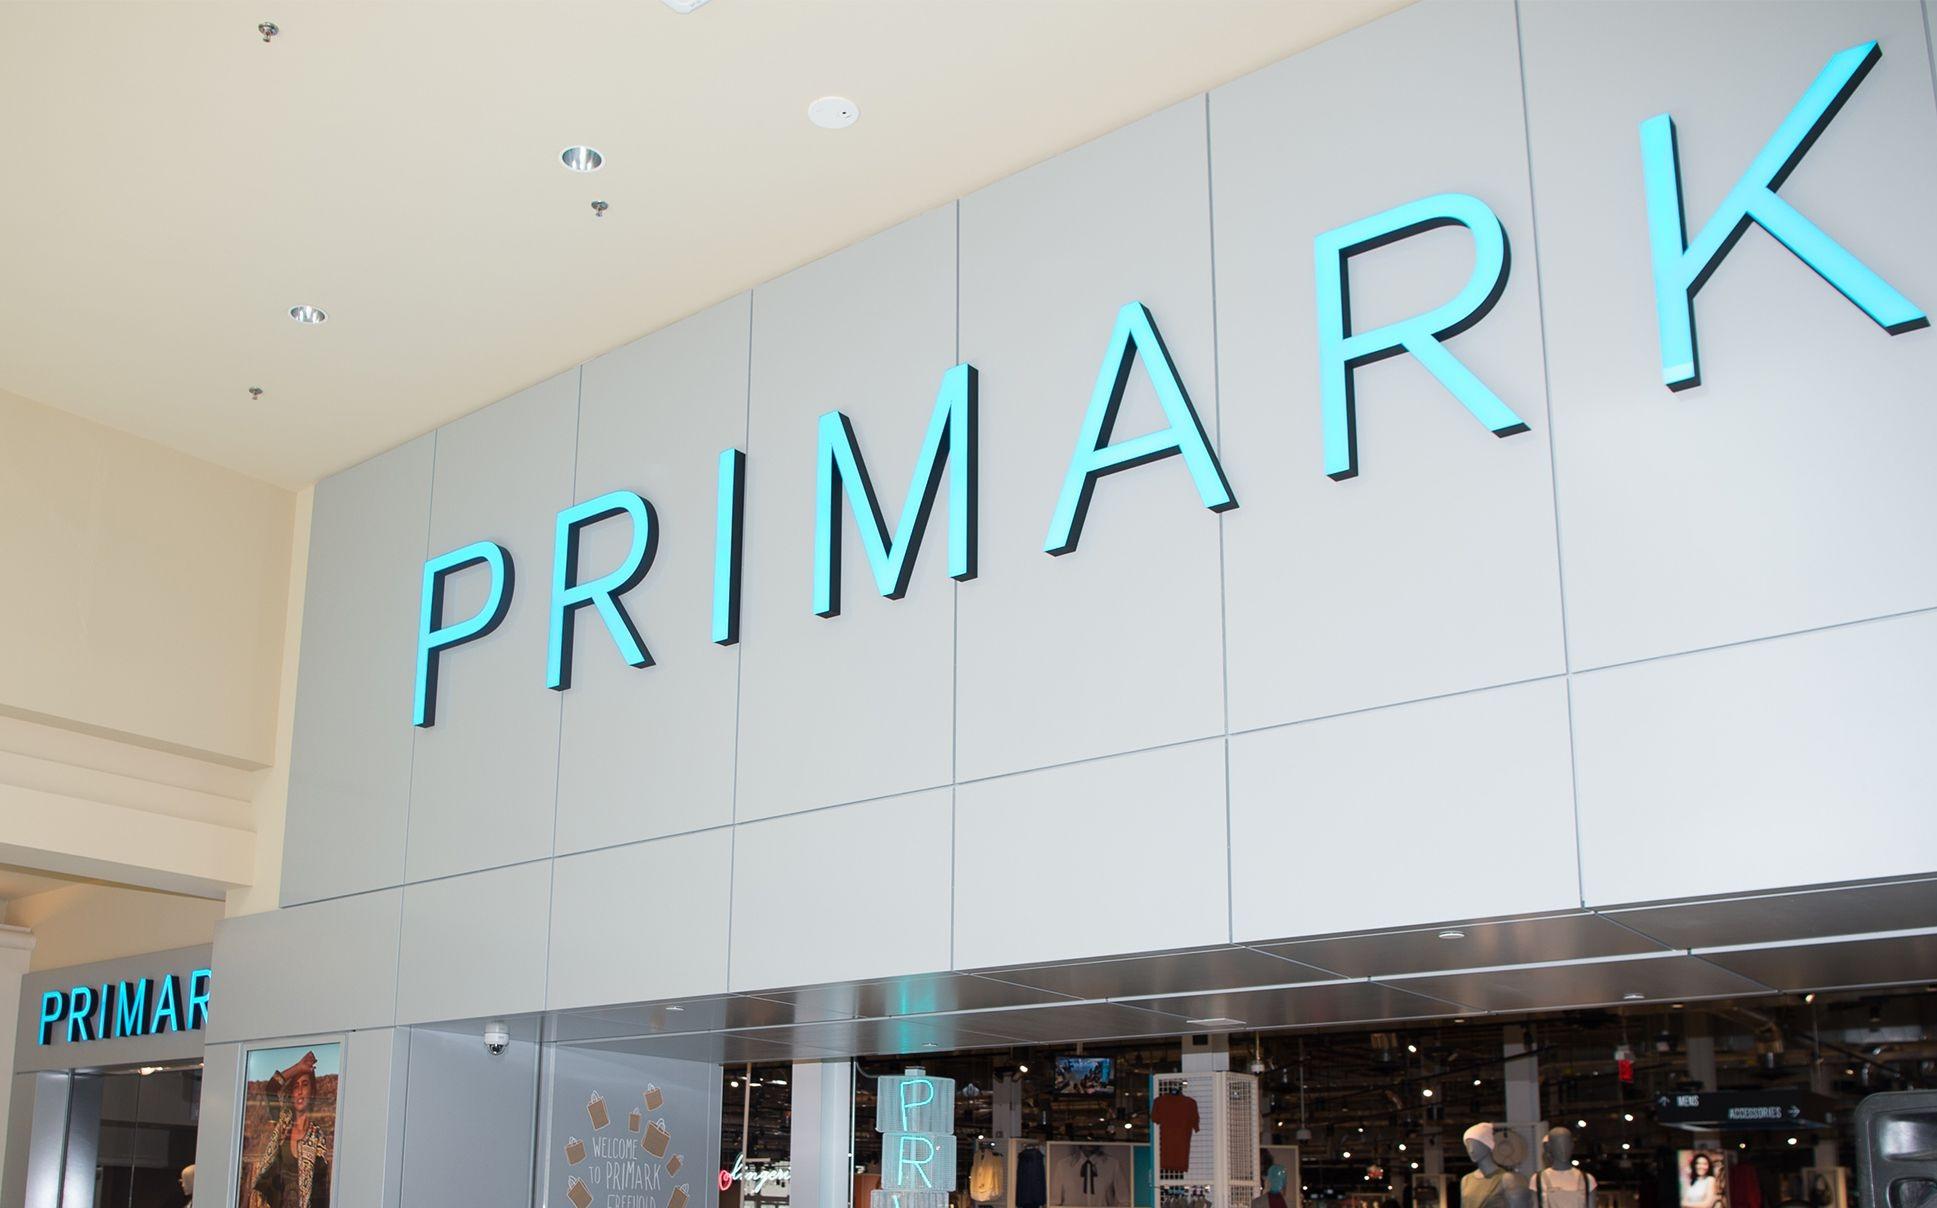 primark-shopfront-2.jpg